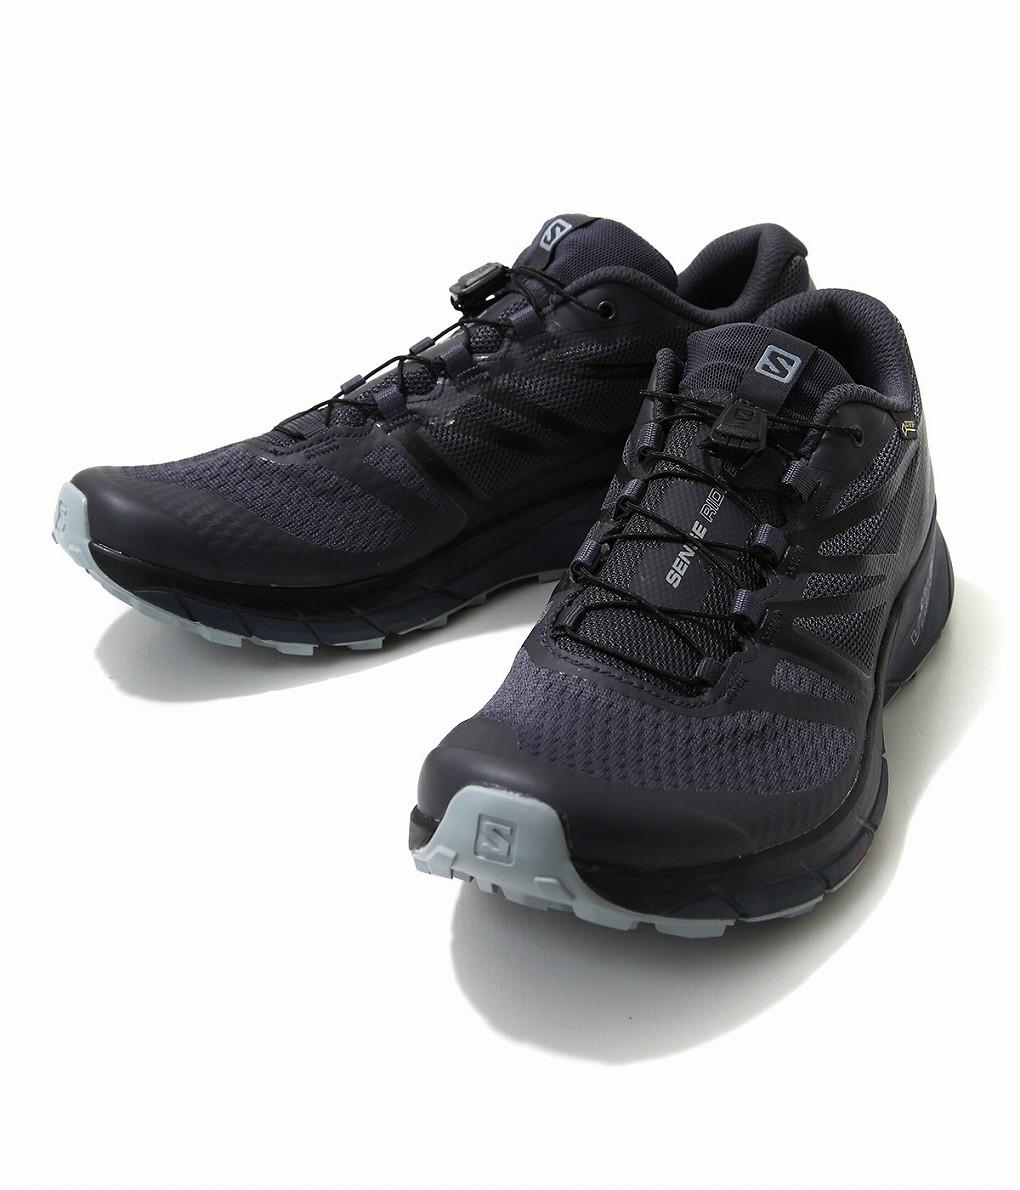 SALOMON / サロモン : SENSE RIDE 2 GORE-TEX INVISIBLE FIT  EBONY/BLACK/QUARRY : サロモン センス ライド ゴアテックス インビジブル フィット ブラック スニーカー 靴 シューズ : L40707800 【AST】